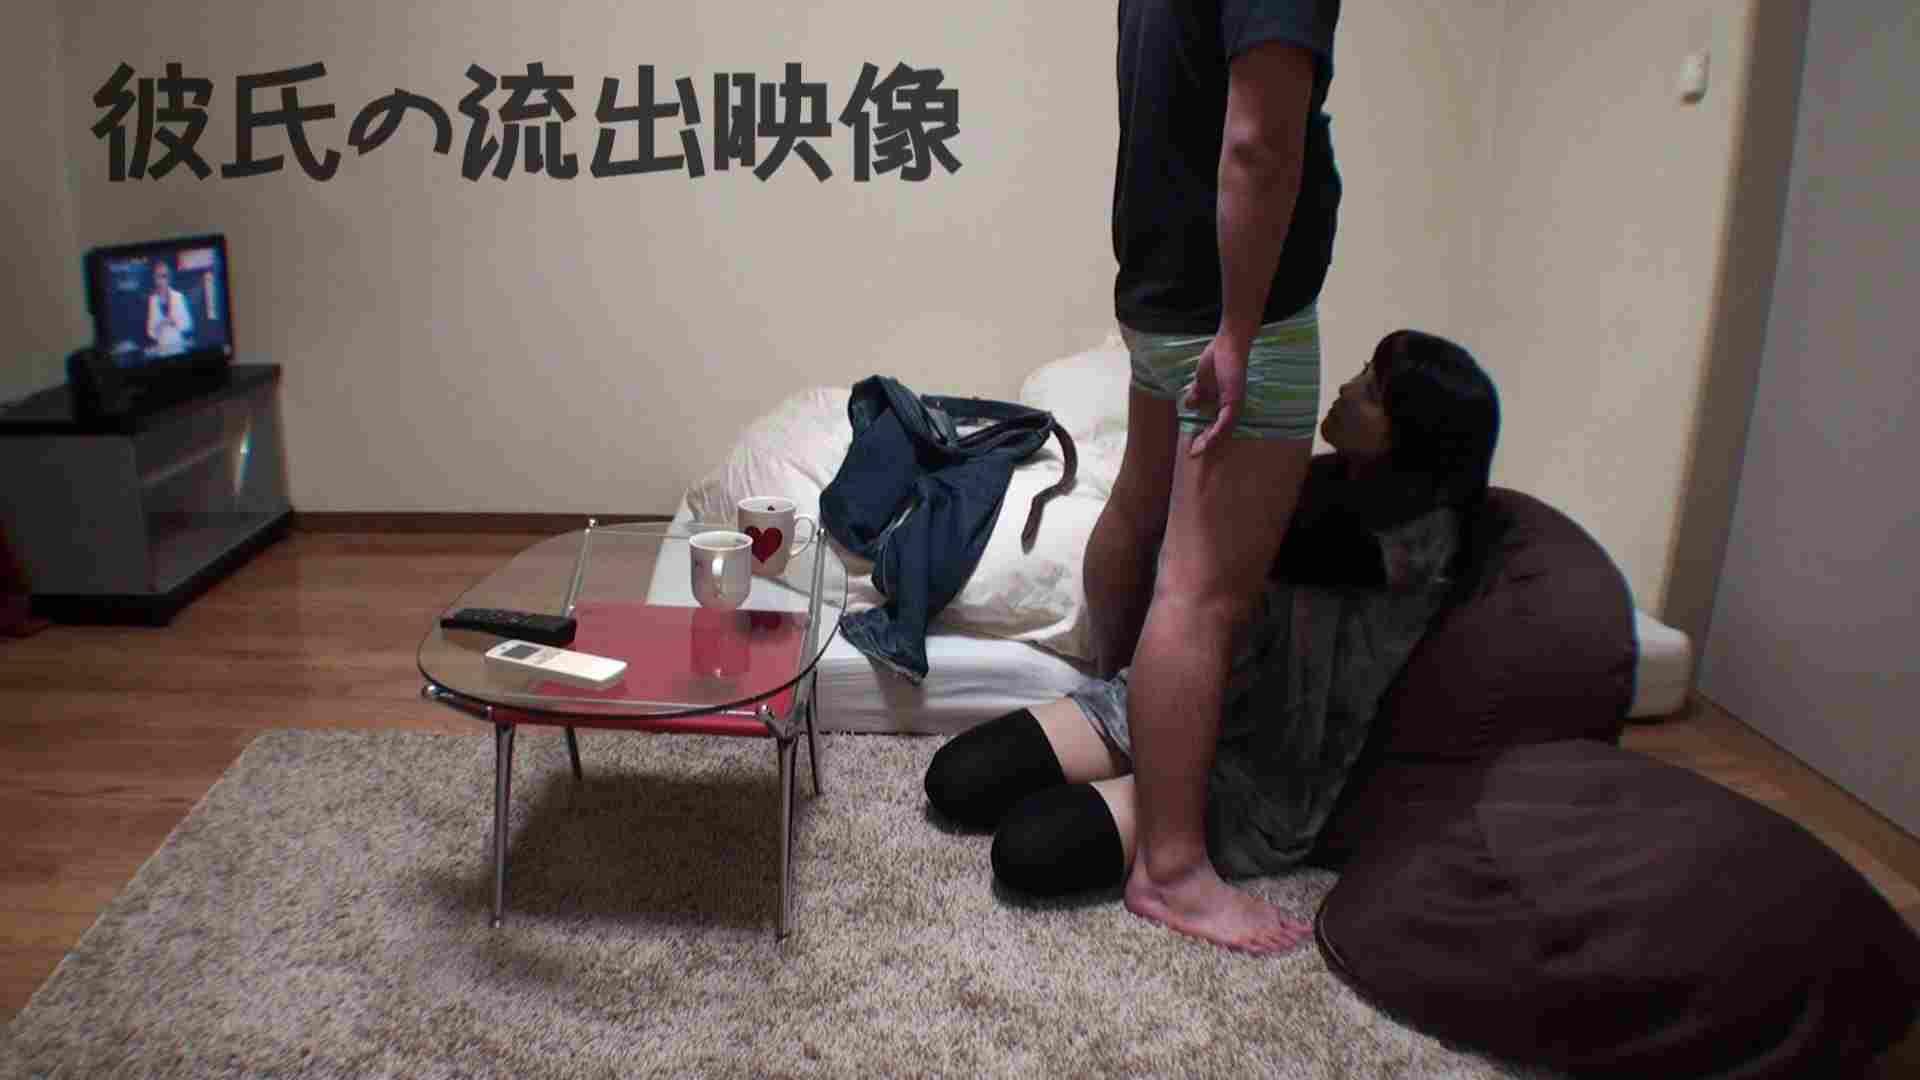 彼氏が流出 パイパン素人嬢のハメ撮り映像02 フェラ セックス画像 90連発 8